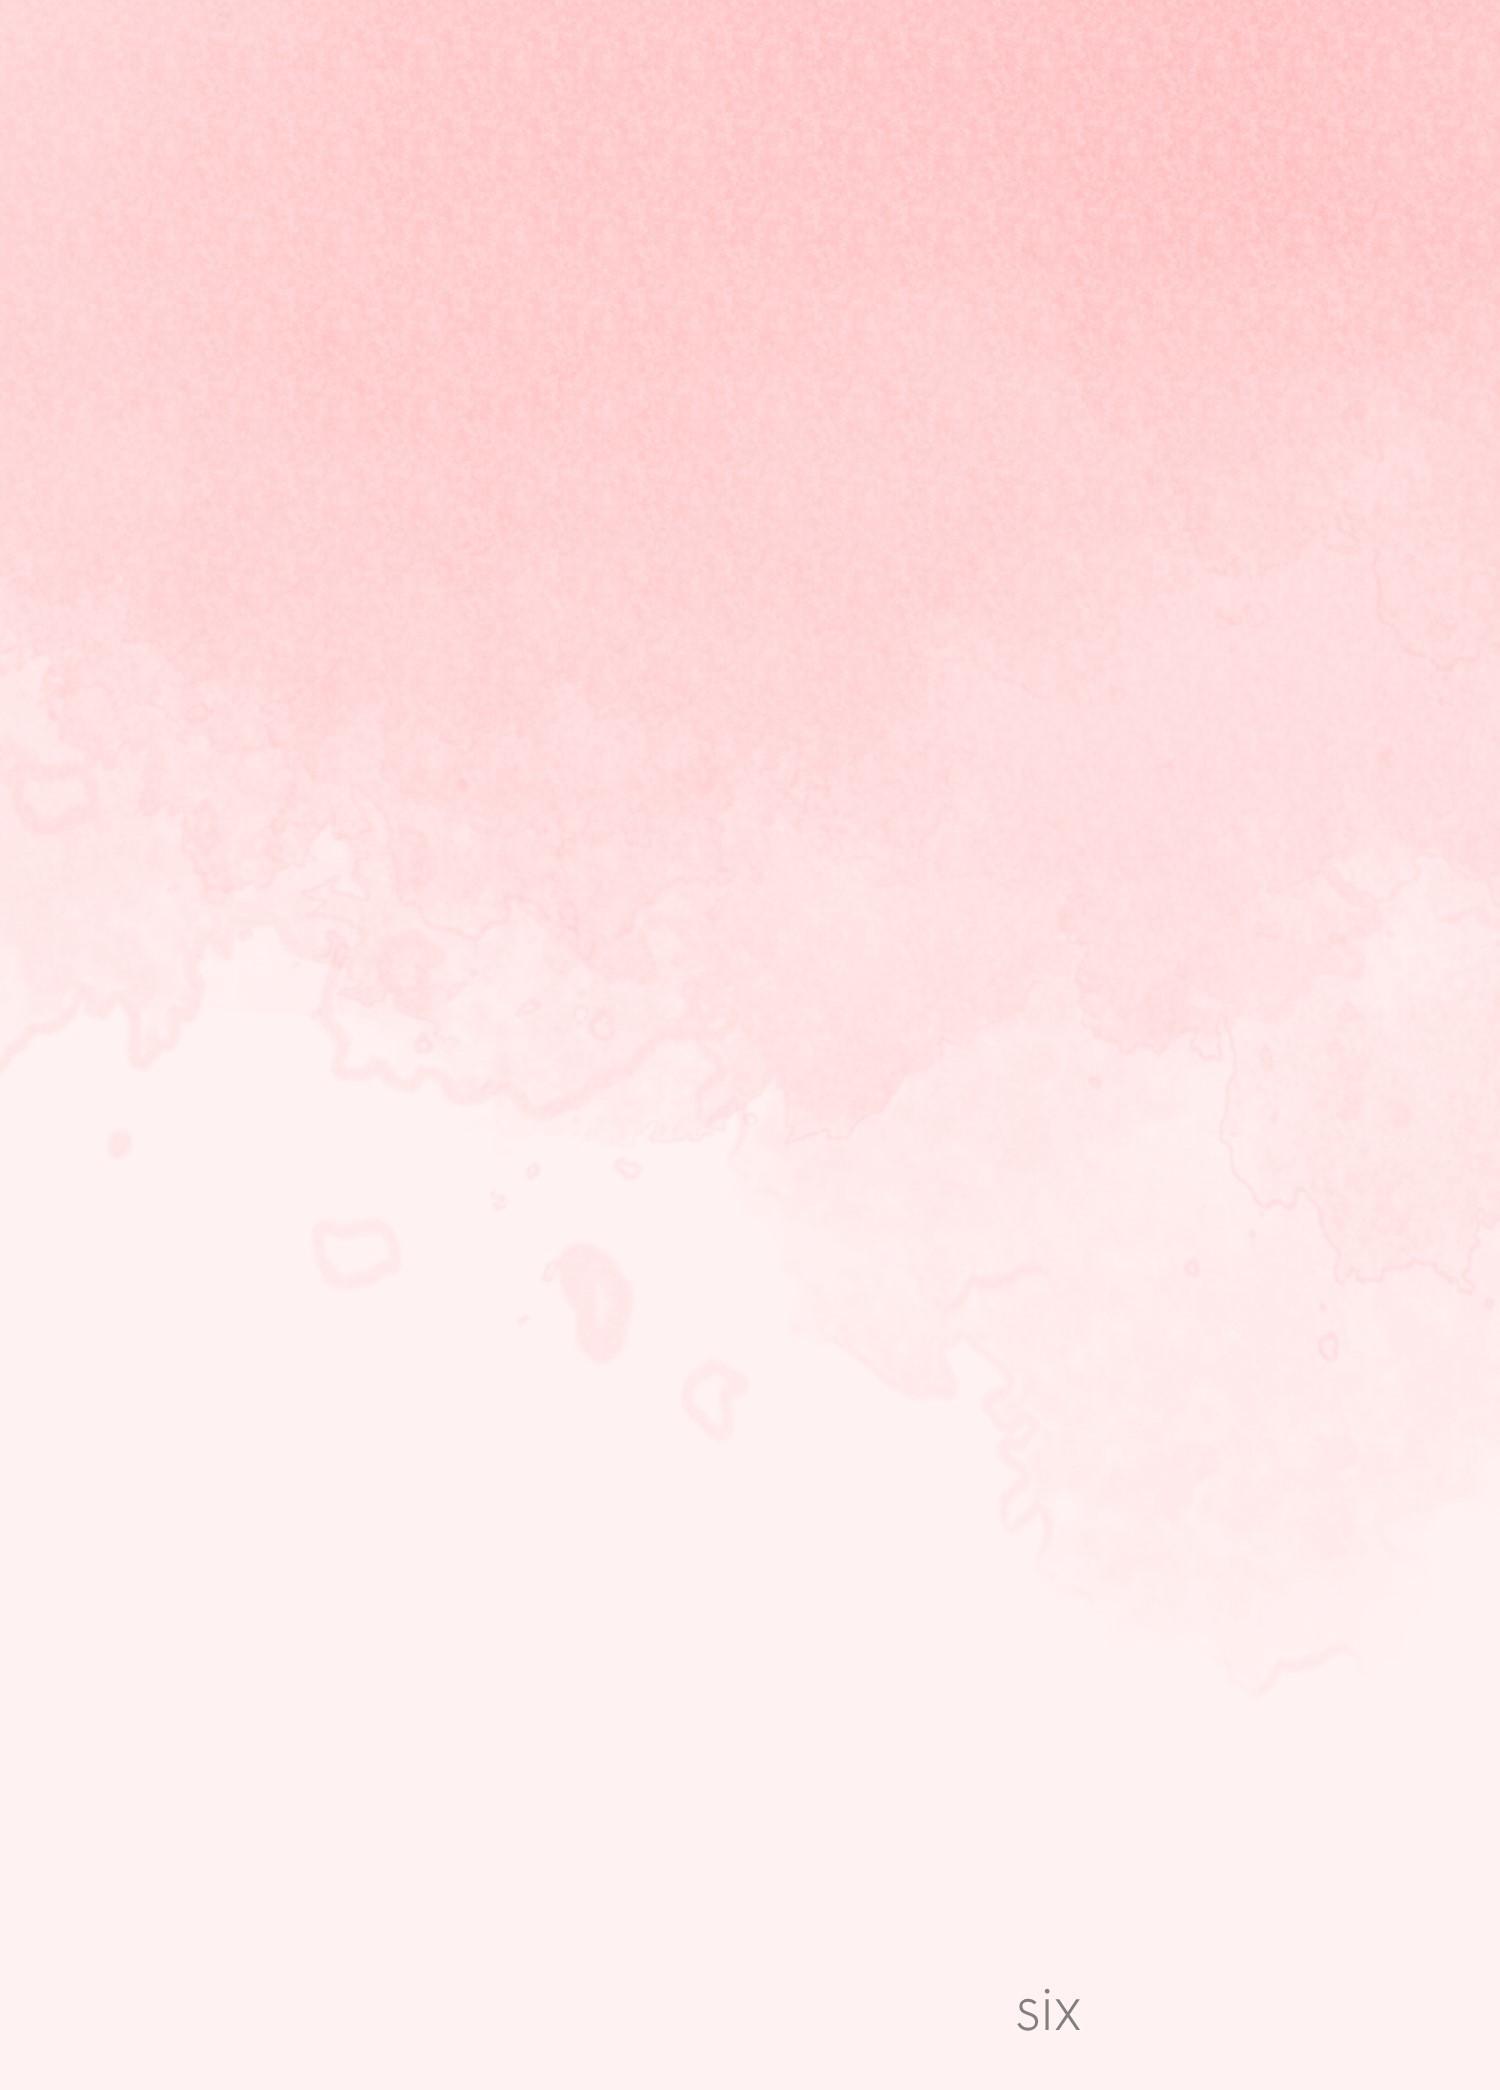 Light Pinky Brown Lip Makeup: Light Pink Wallpapers (67+ Images